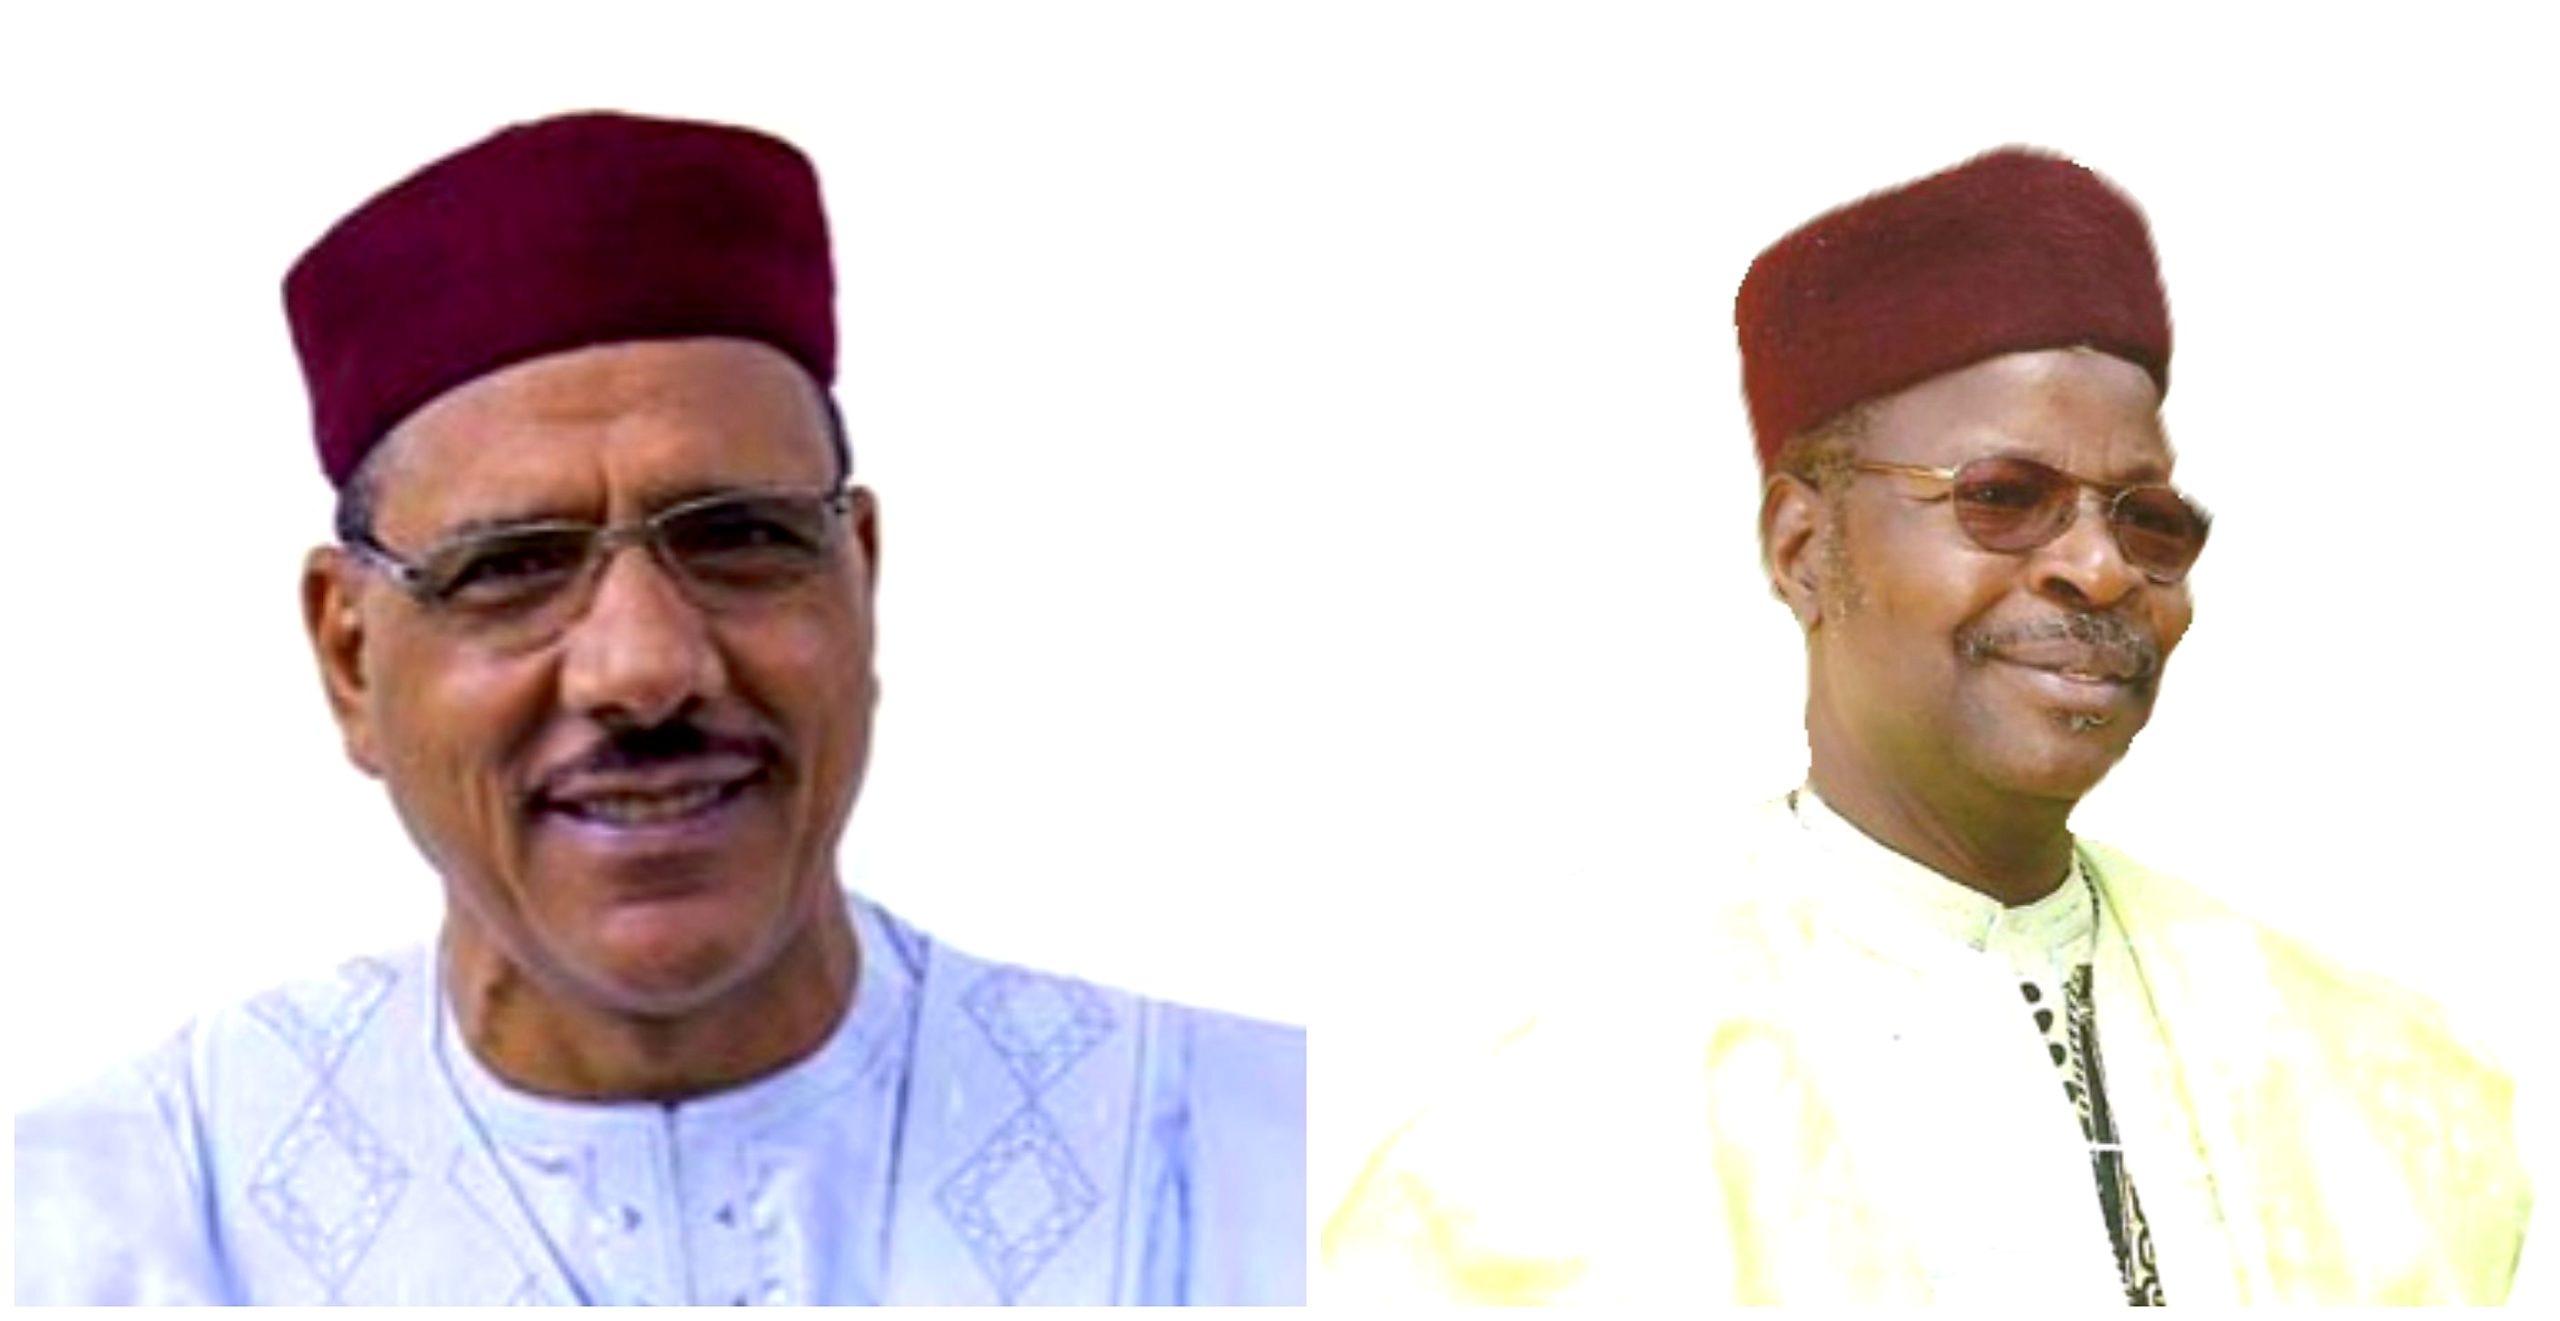 Présidentielle Niger : Bazoum Mahamane admis au second tour avec Mohamed Ousmane.